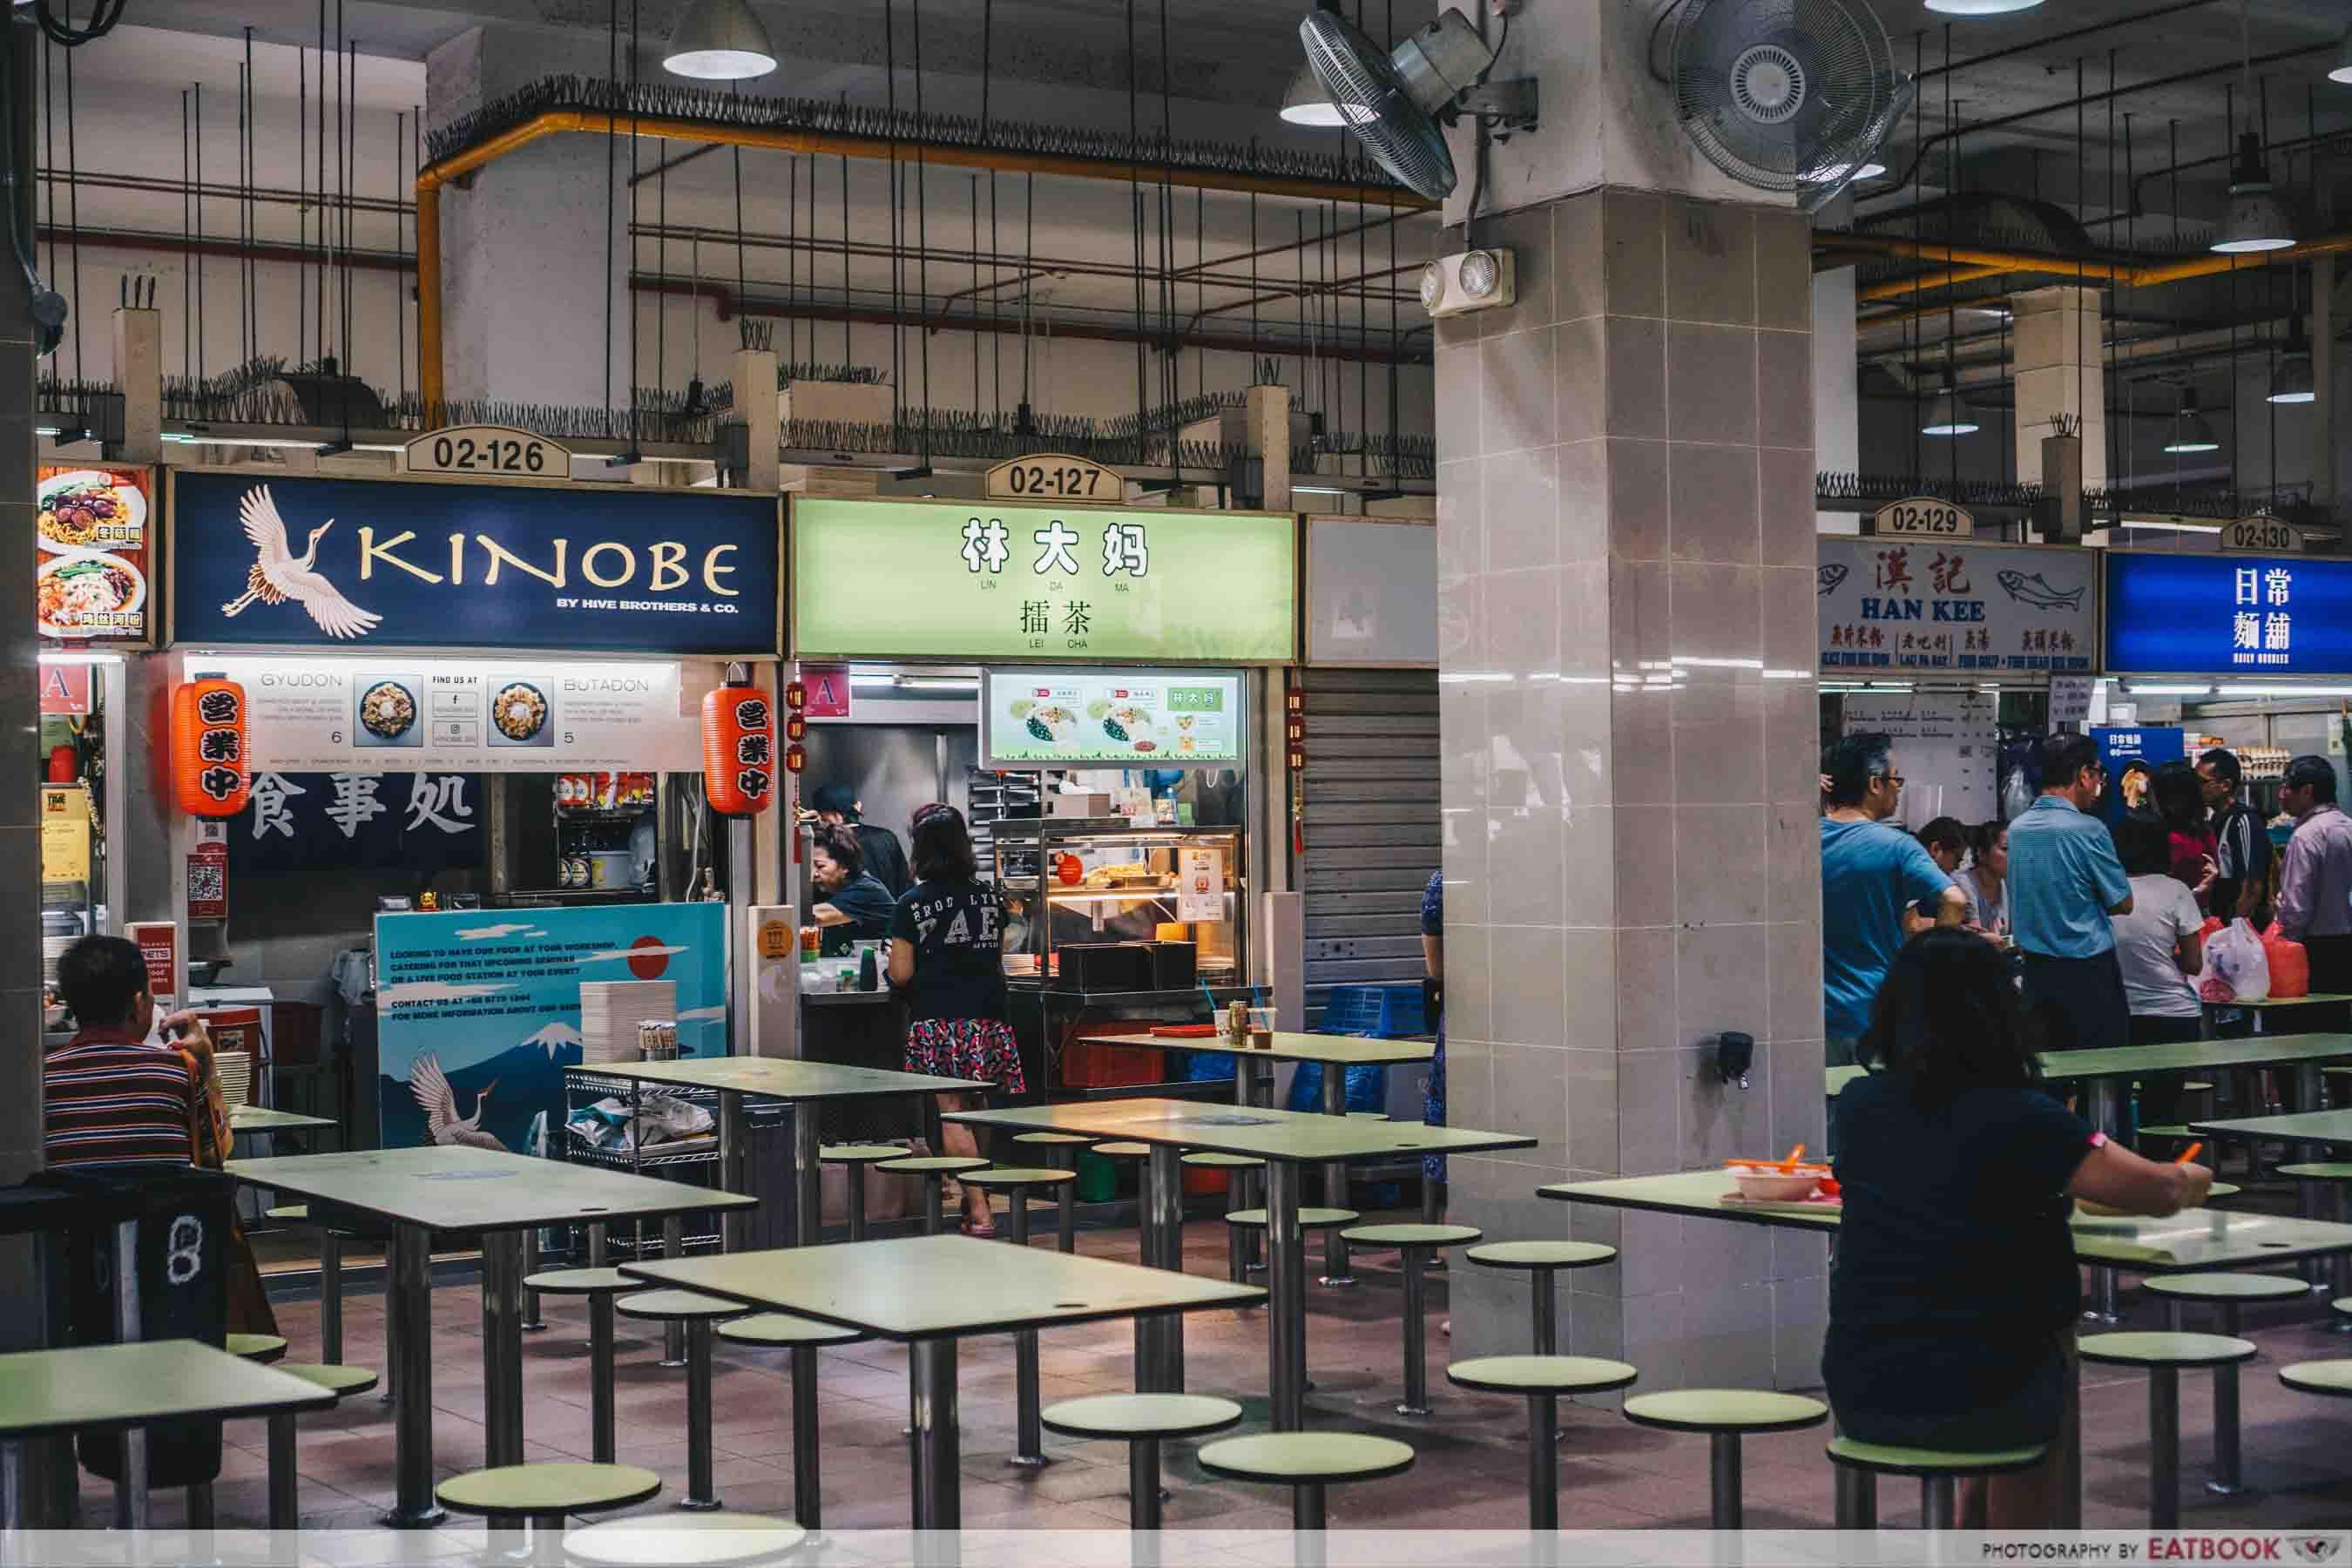 Kinobe storefront